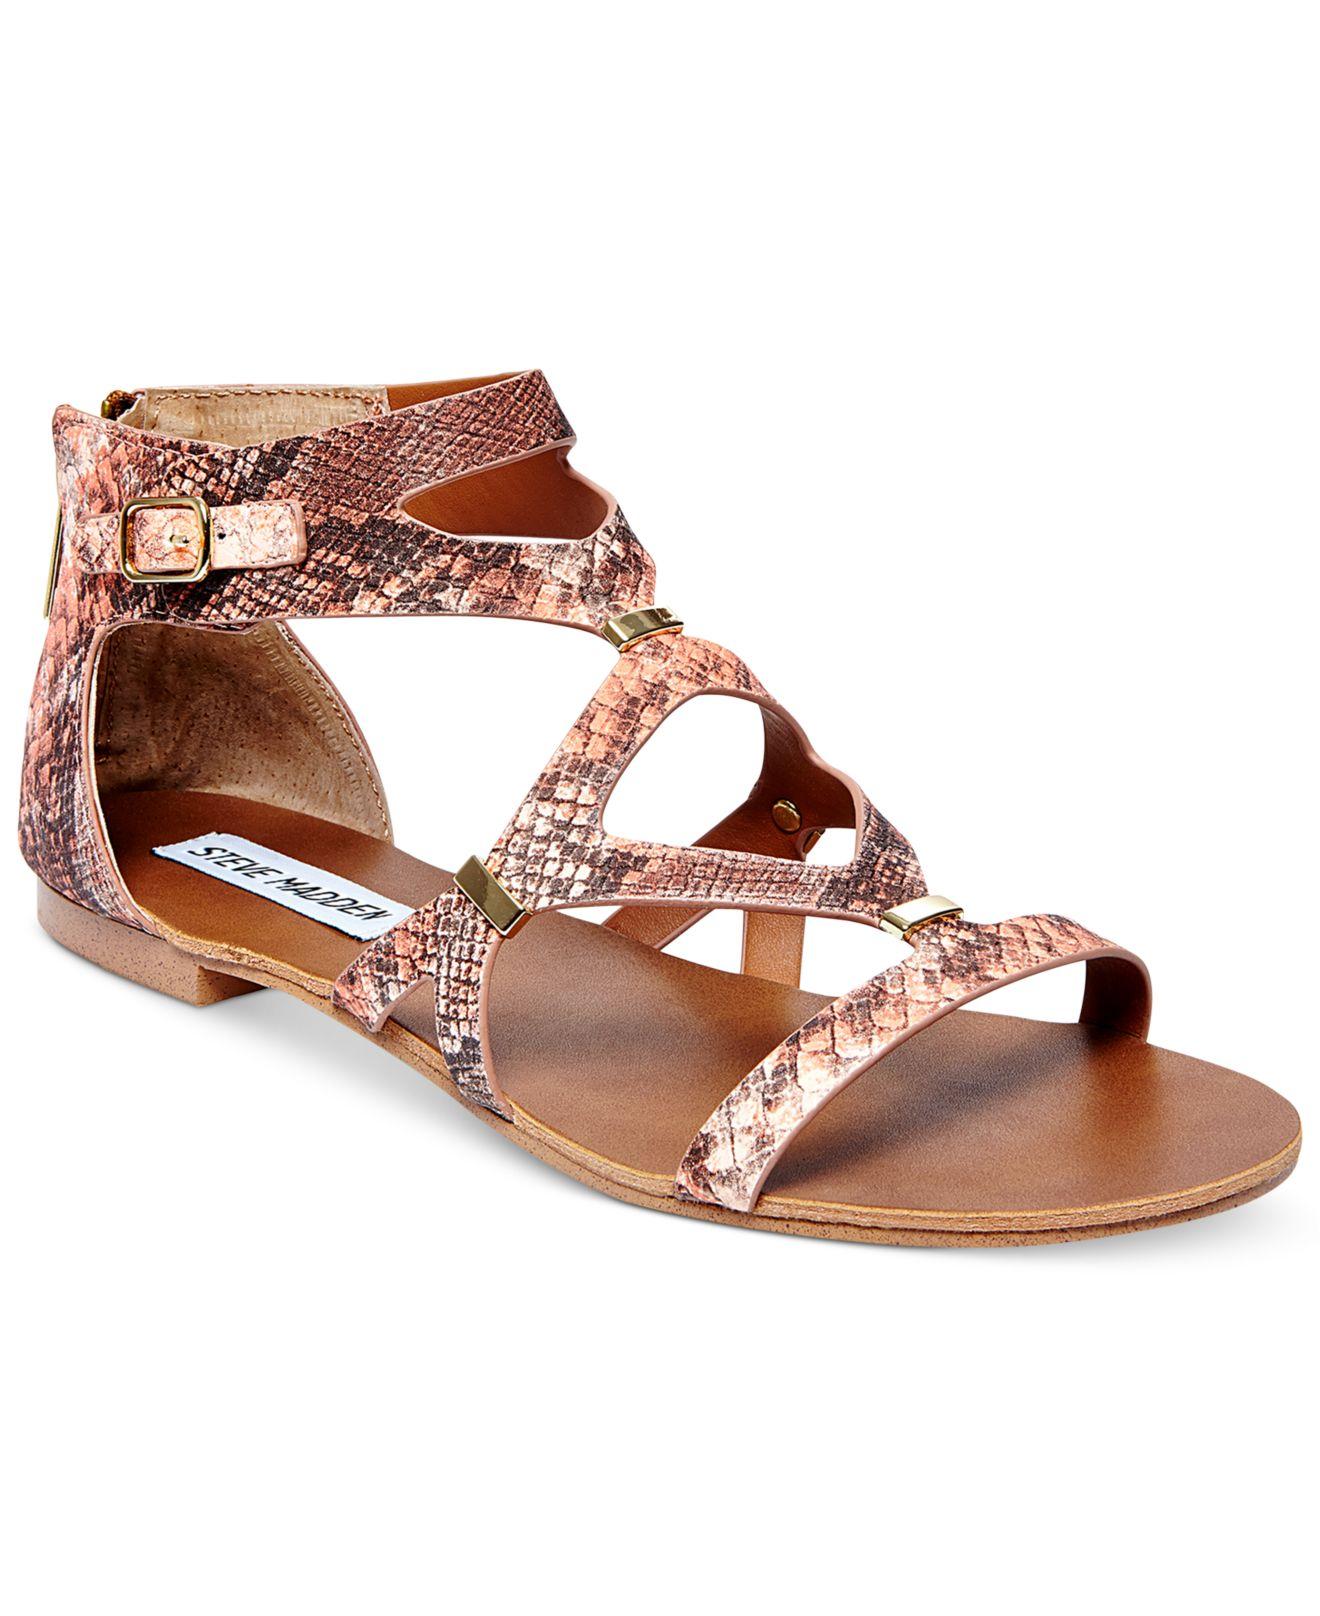 steve madden comly flat sandals in pink lyst. Black Bedroom Furniture Sets. Home Design Ideas